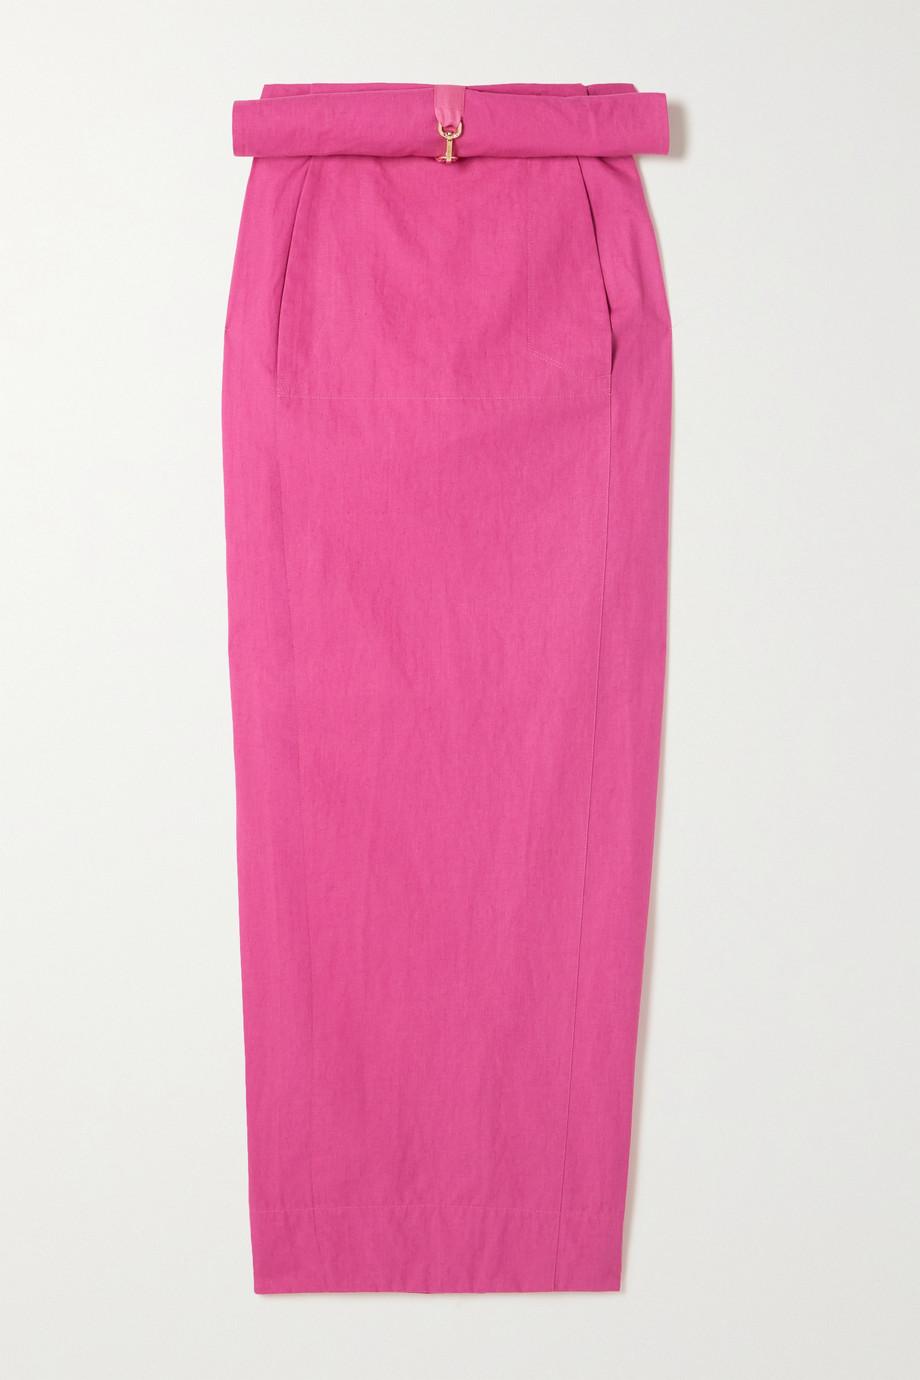 Jacquemus Terra layered linen maxi skirt